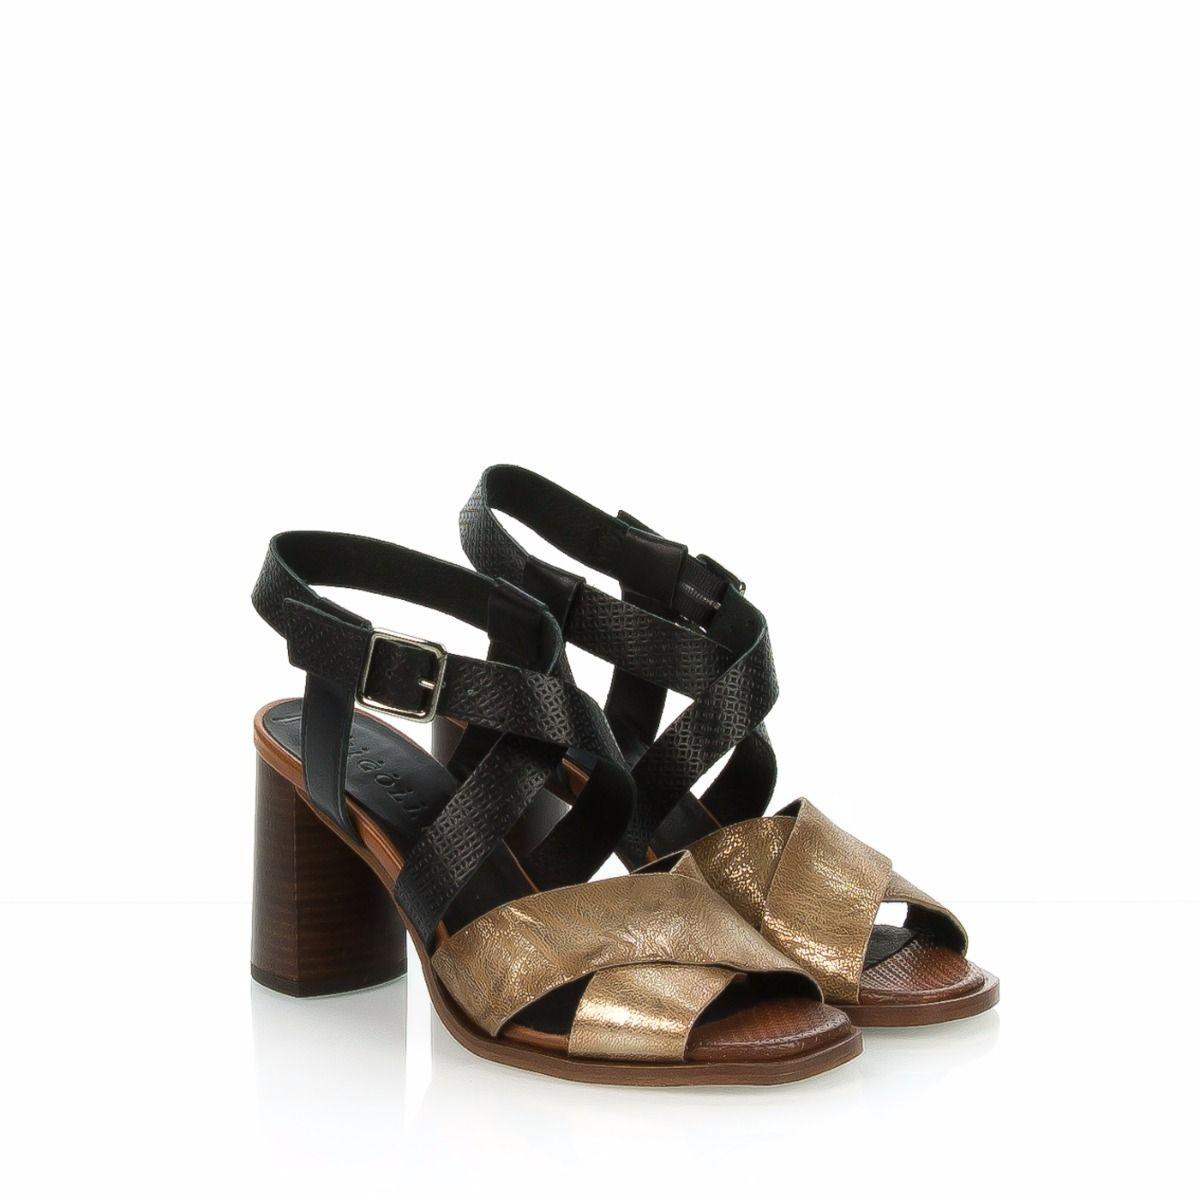 cfc1859693ff2 Sandalo da donna tacco alto FABBRICA DEI COLLI in pelle nera e laminata  bronzo